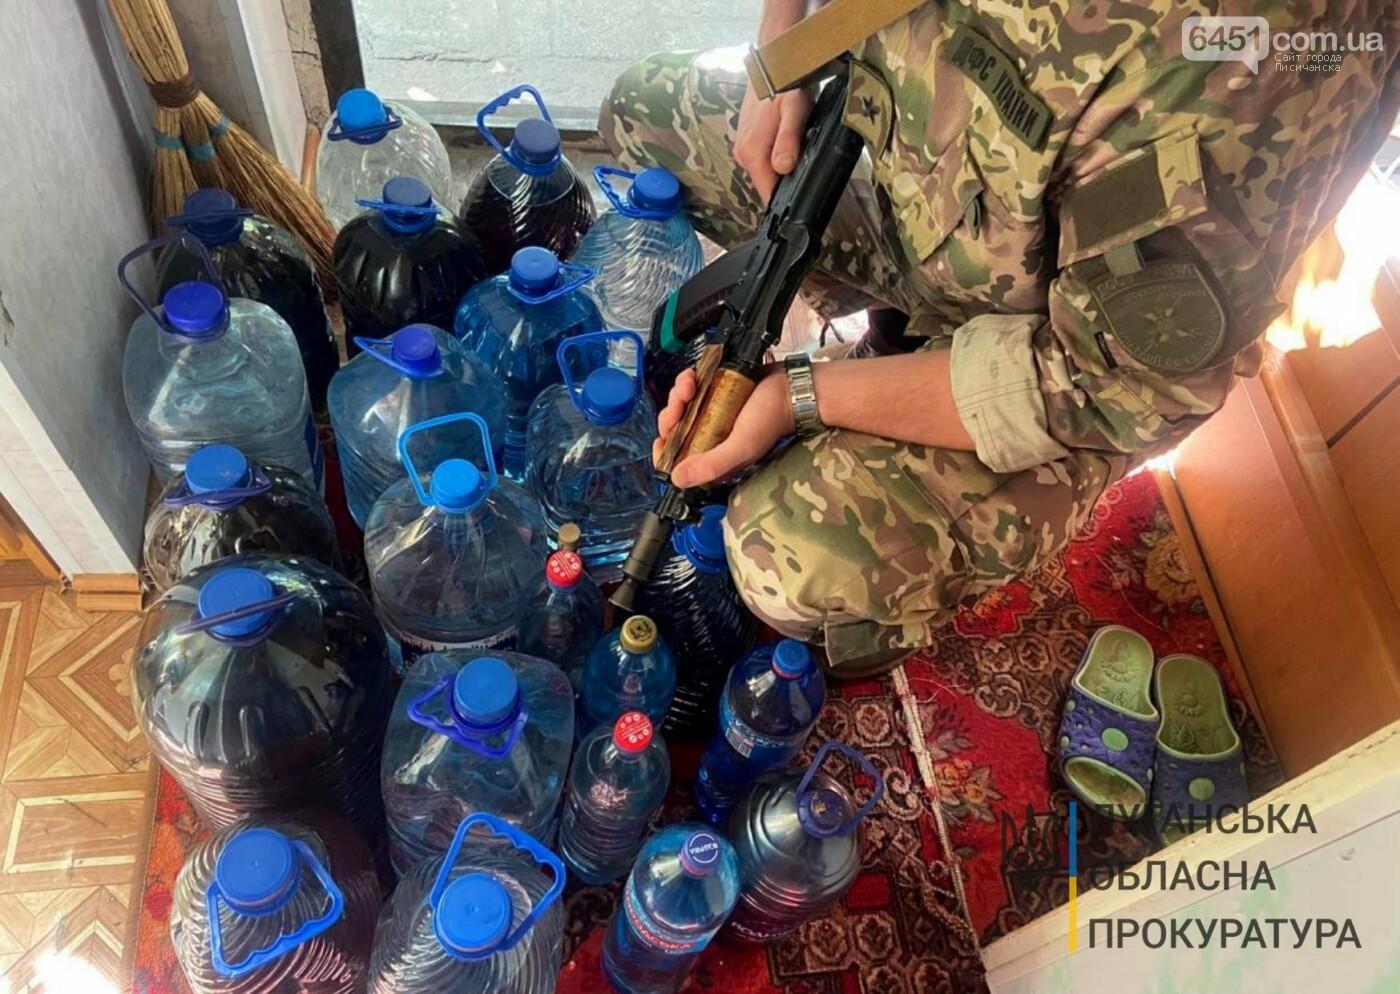 Две жительницы Луганщины занимались реализацией фальсифицированного алкоголя, фото-1, Луганская областная прокуратура